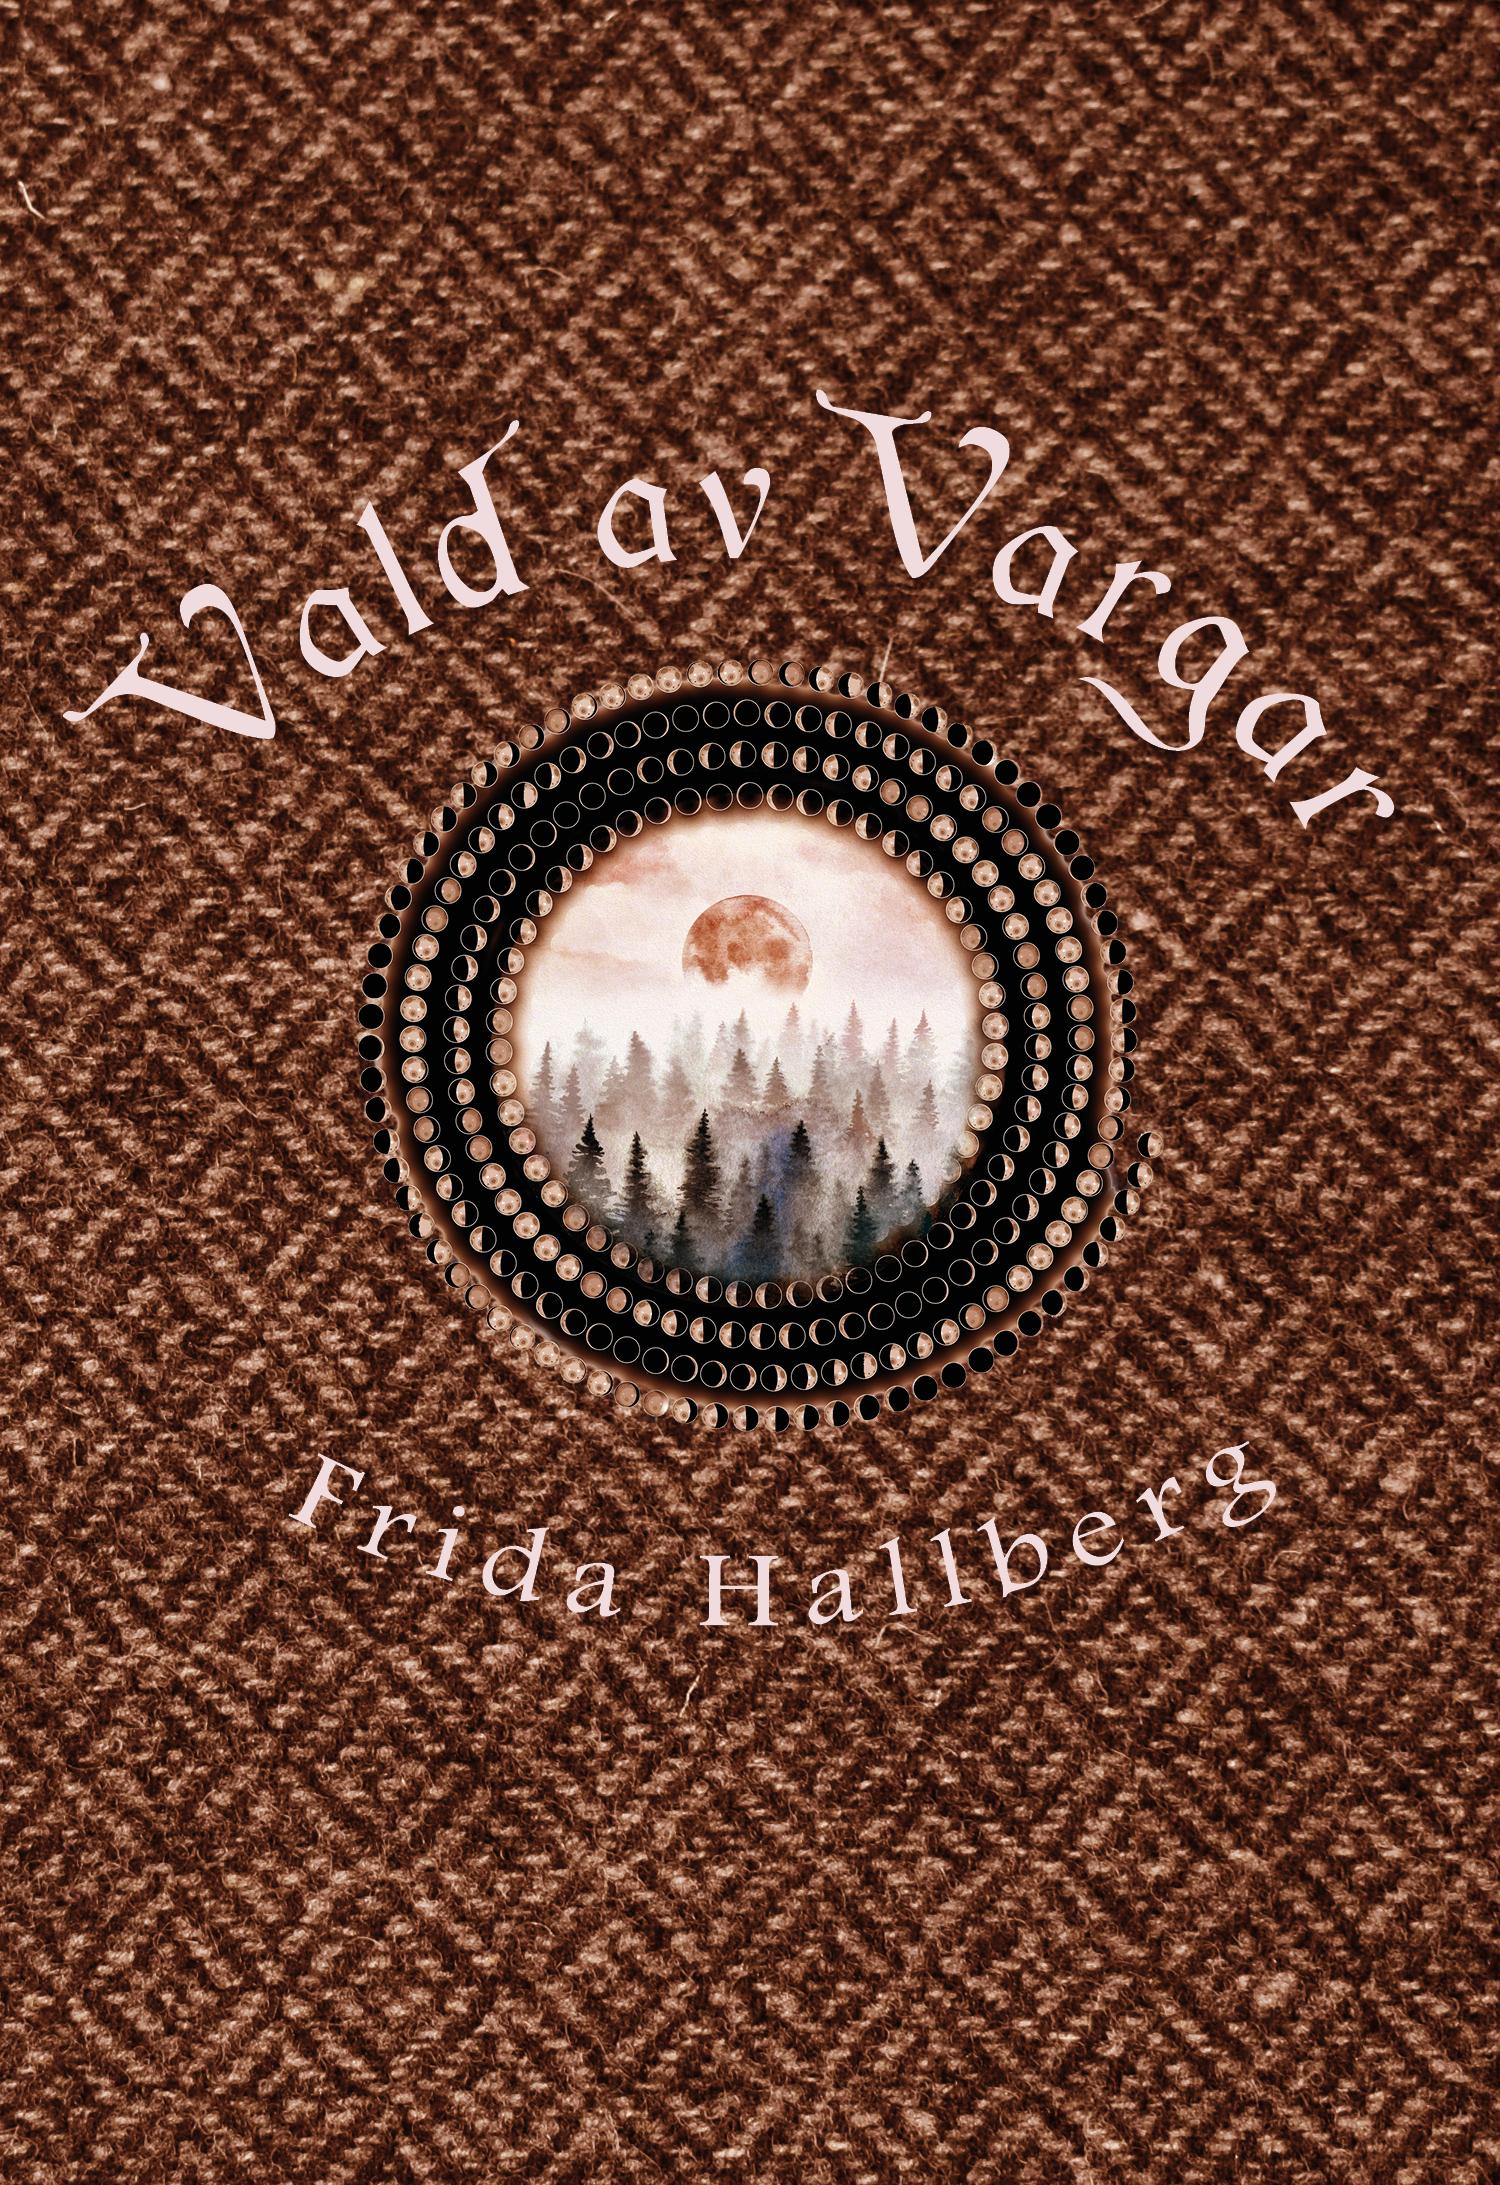 Vald av Vargar av Frida Hallberg